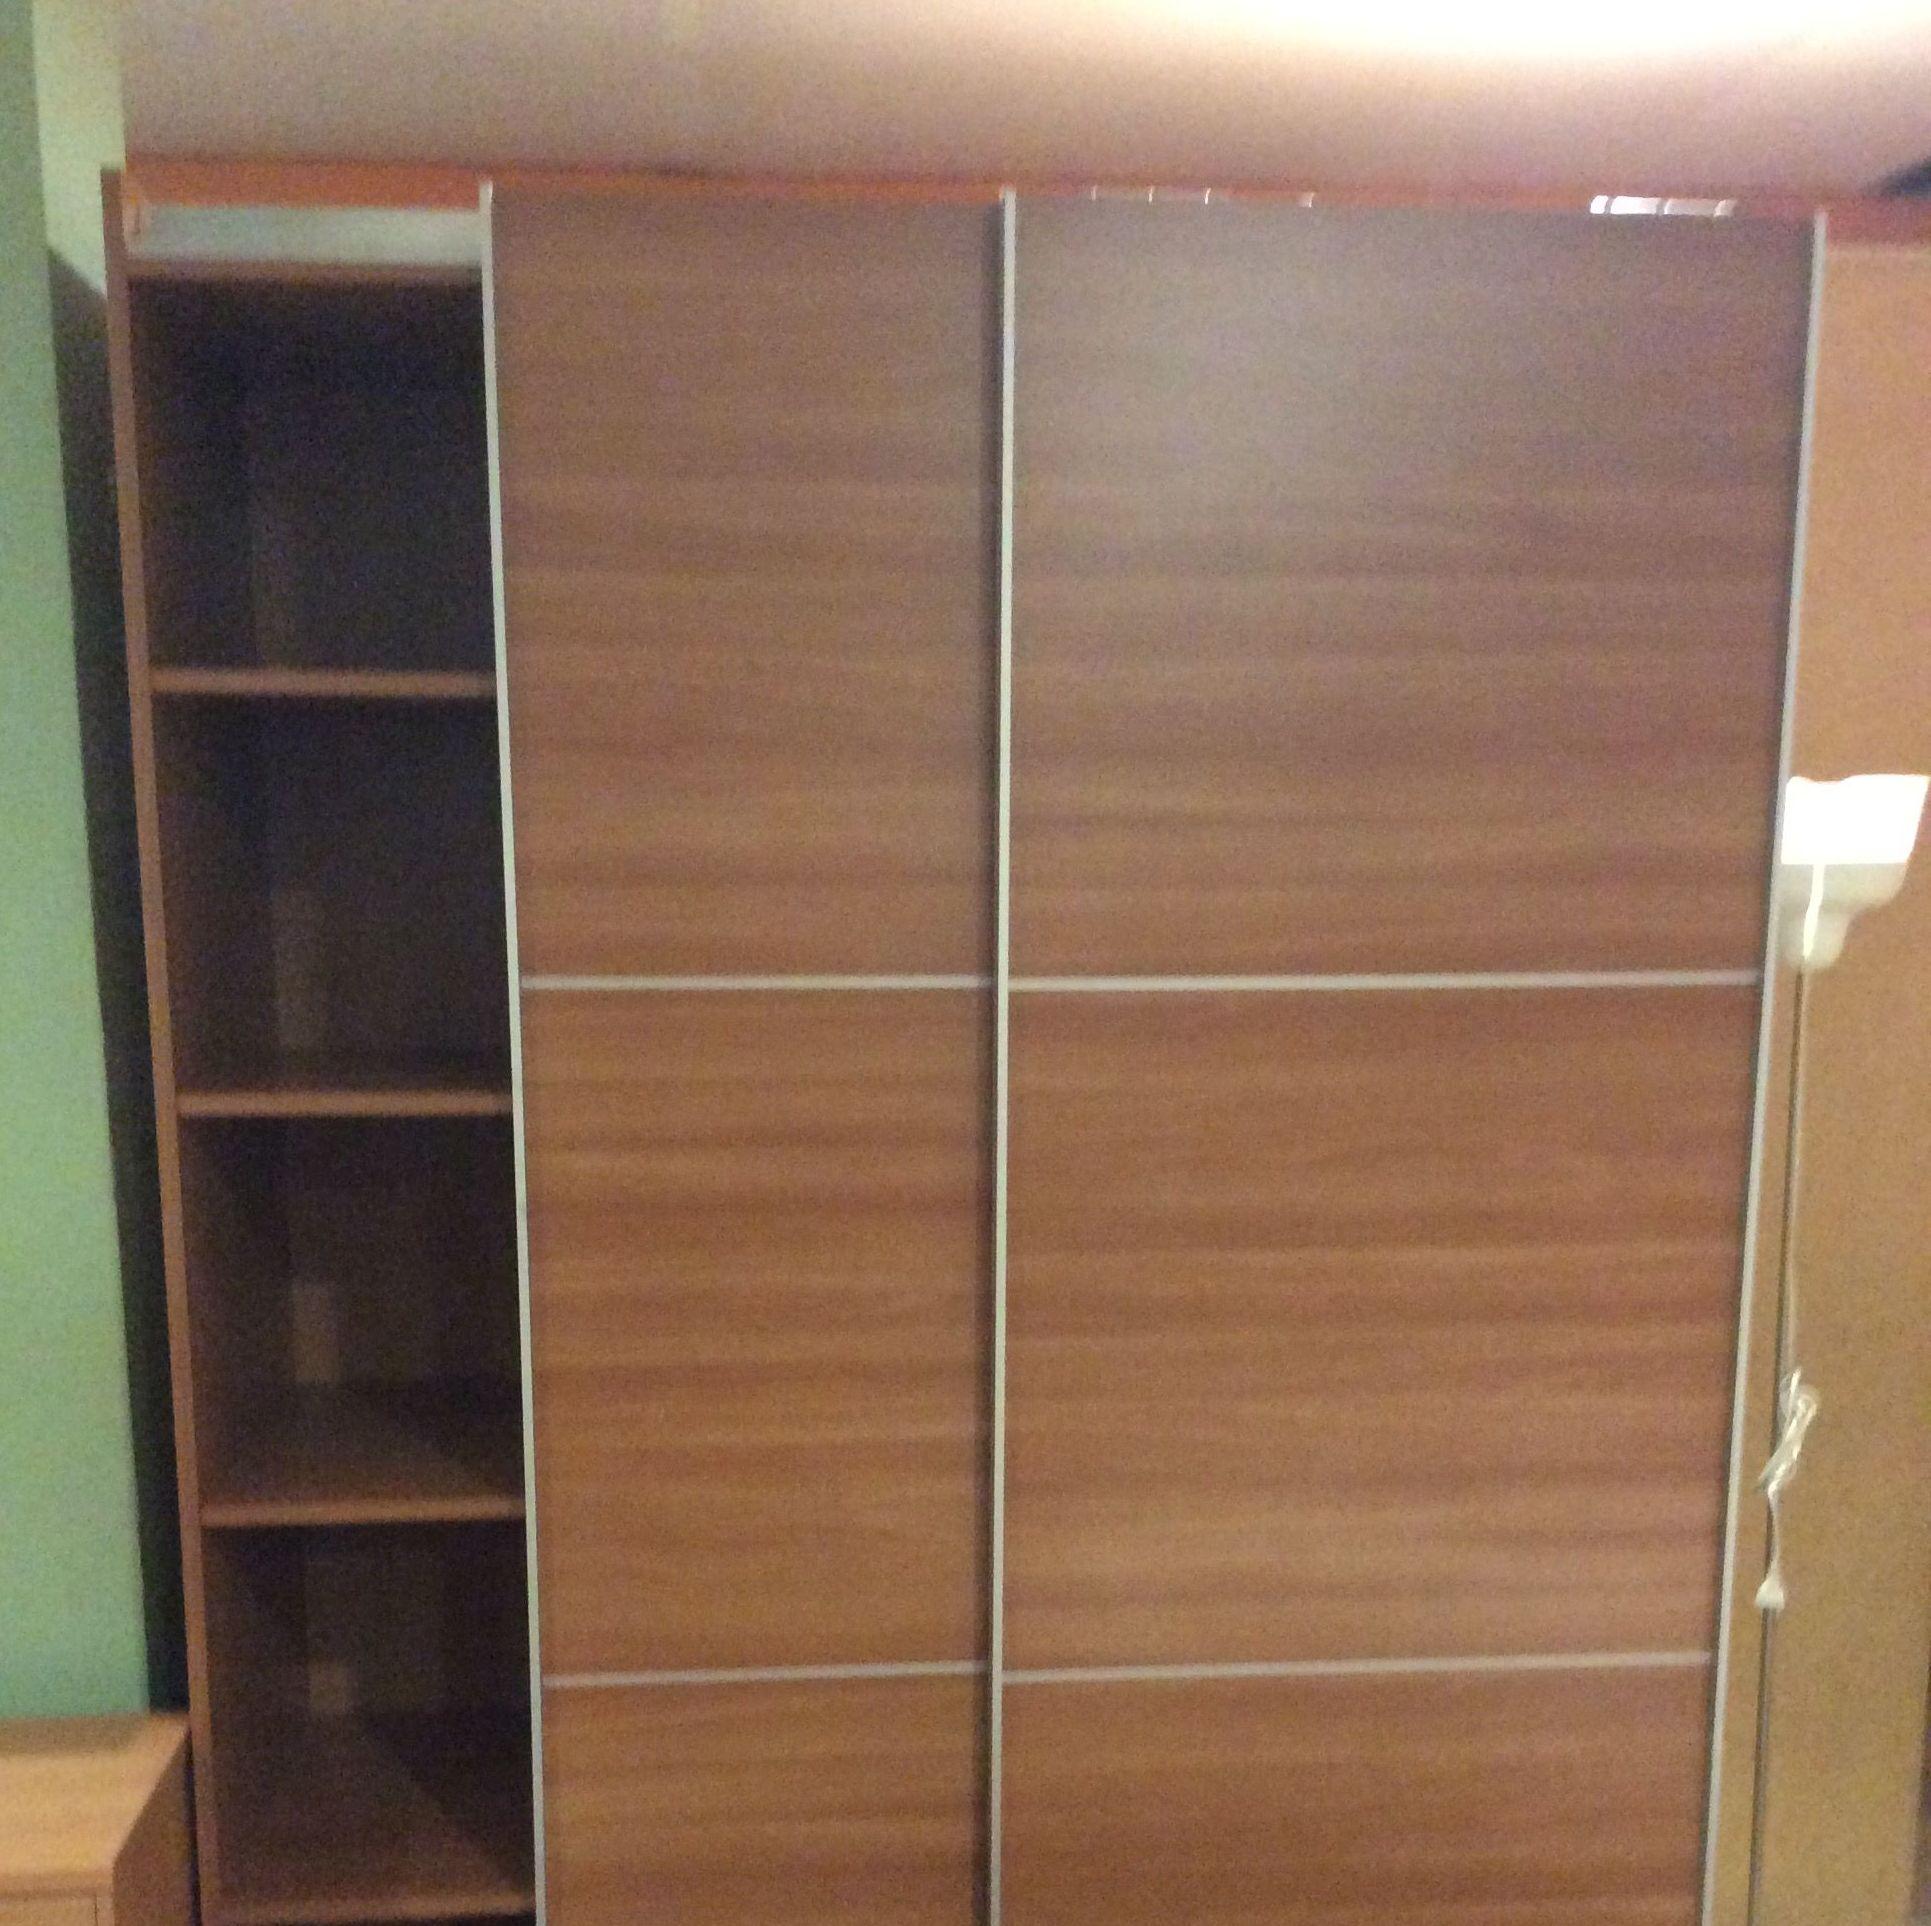 Foto 42 de recogida y venta de muebles usados en gij n remar asturias - Remar recogida muebles ...